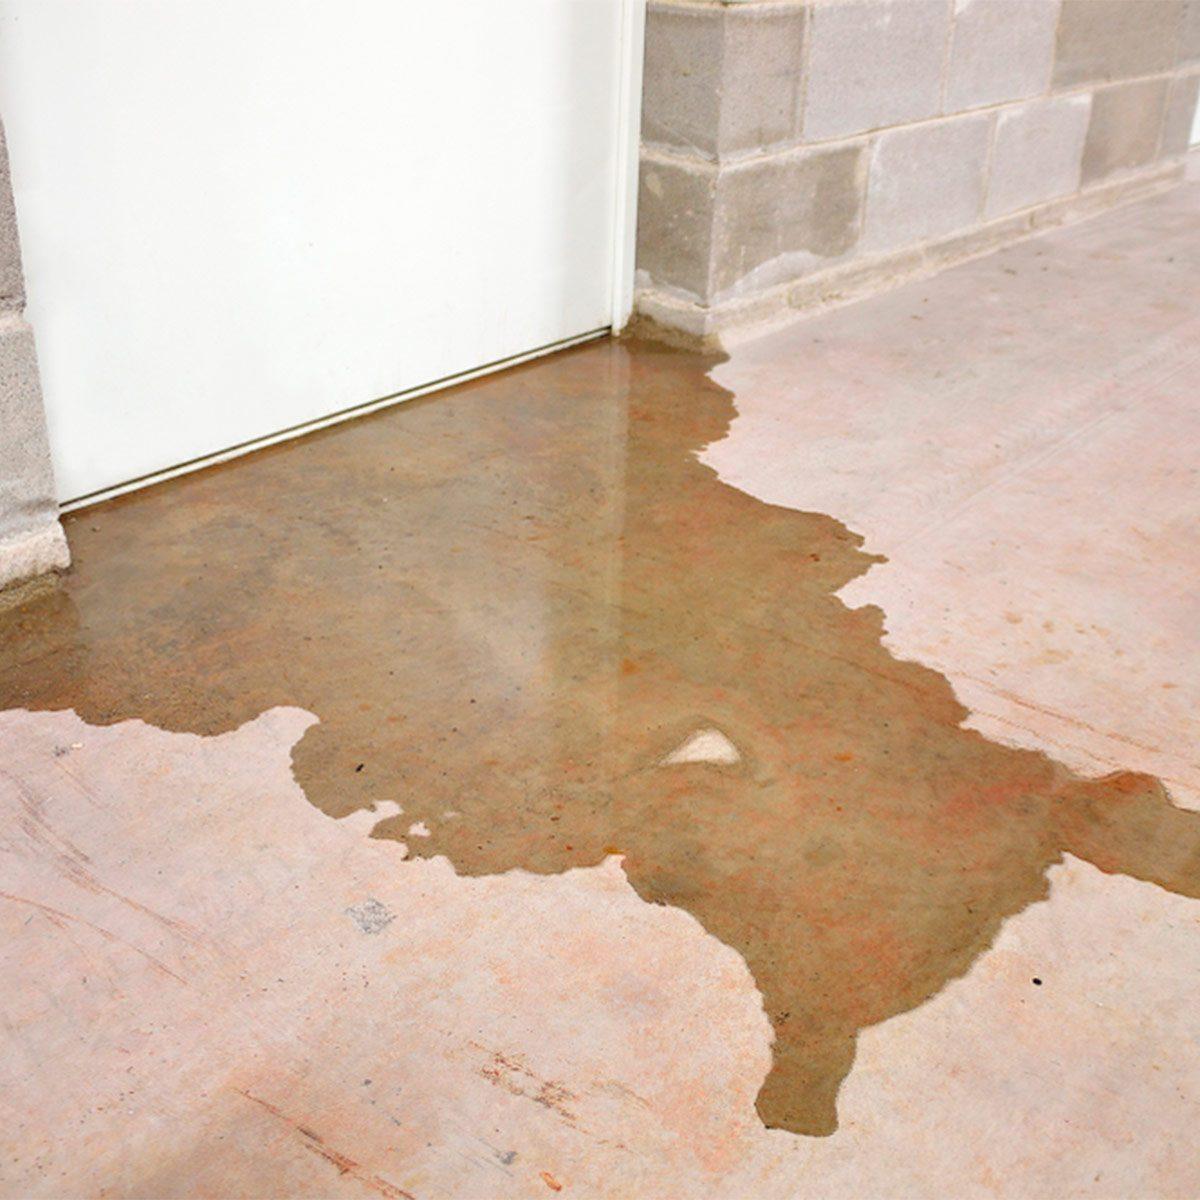 wet basement flooding